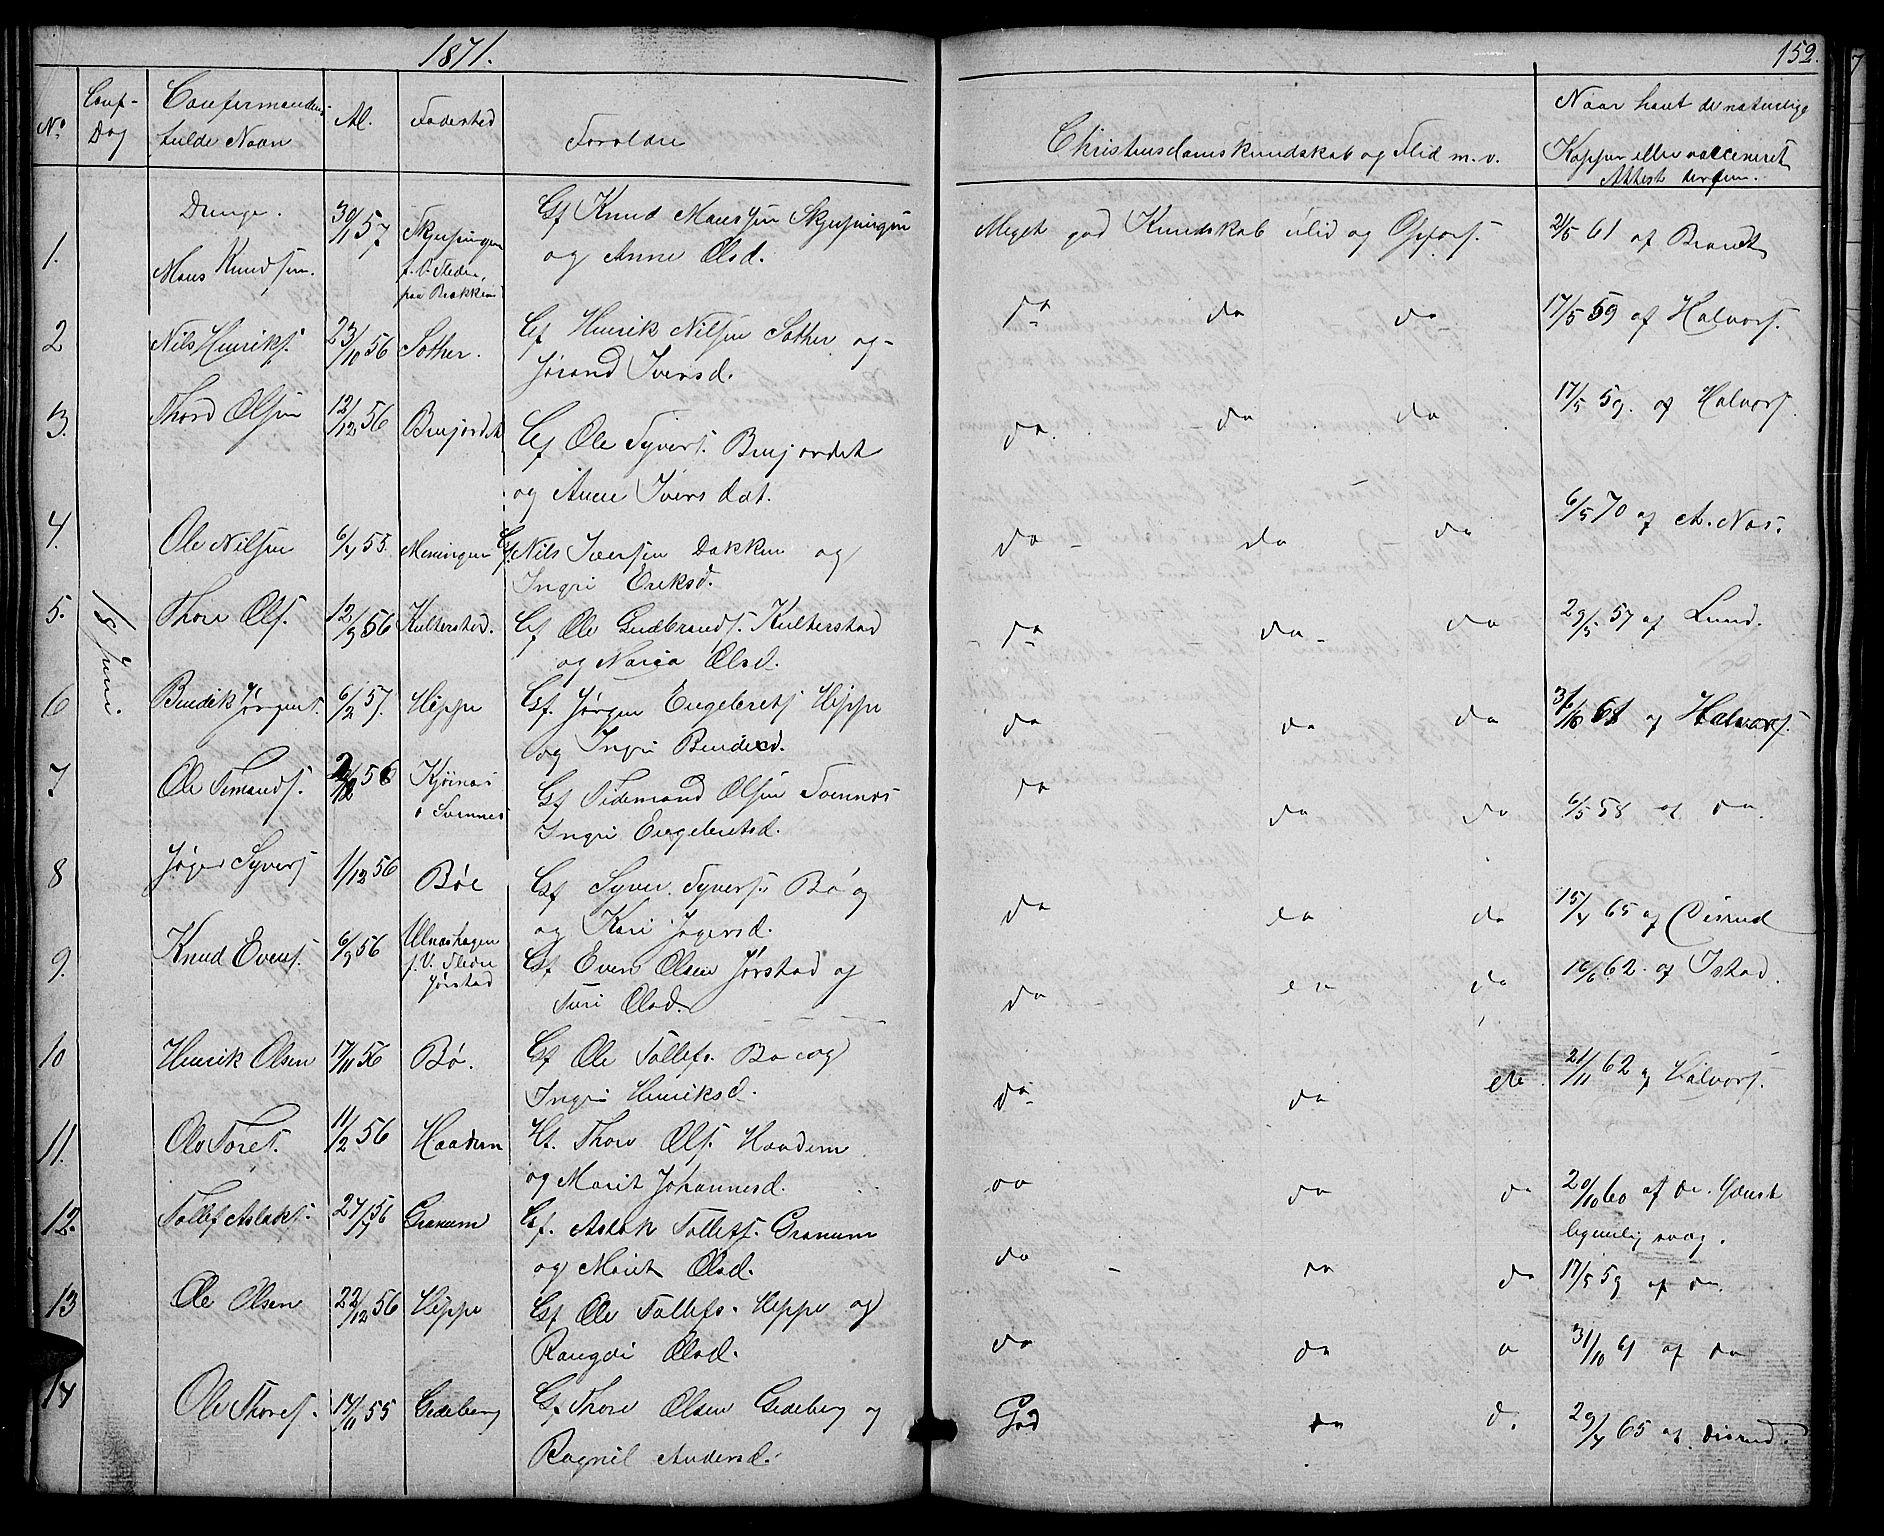 SAH, Nord-Aurdal prestekontor, Klokkerbok nr. 4, 1842-1882, s. 152